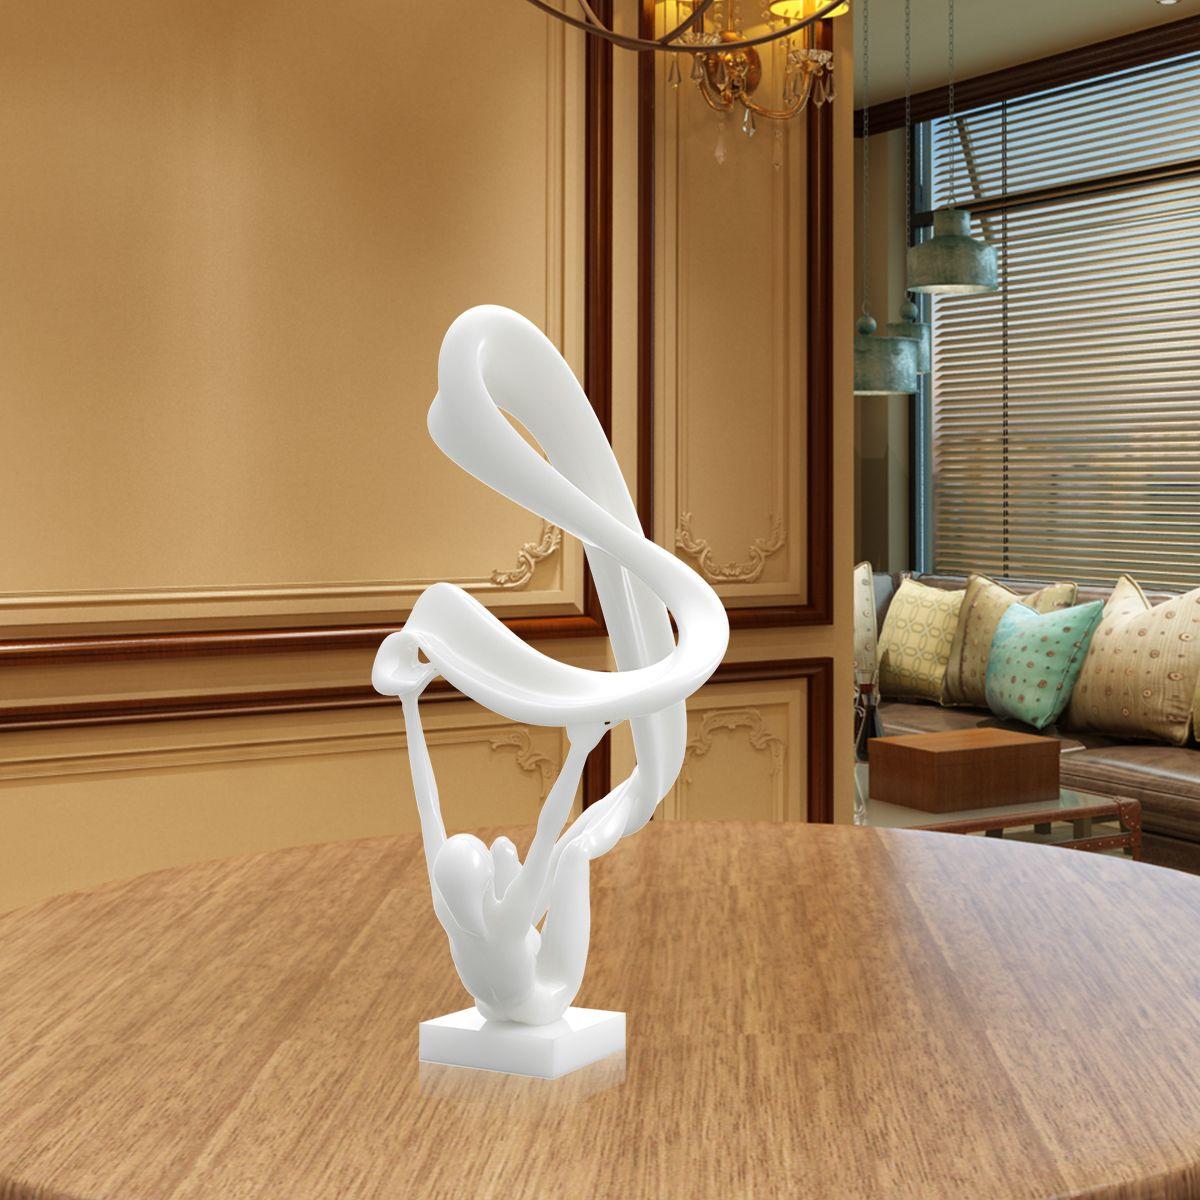 Tomfeel Flutter 3D Printed Abstract Sculpture Modern Home Decor